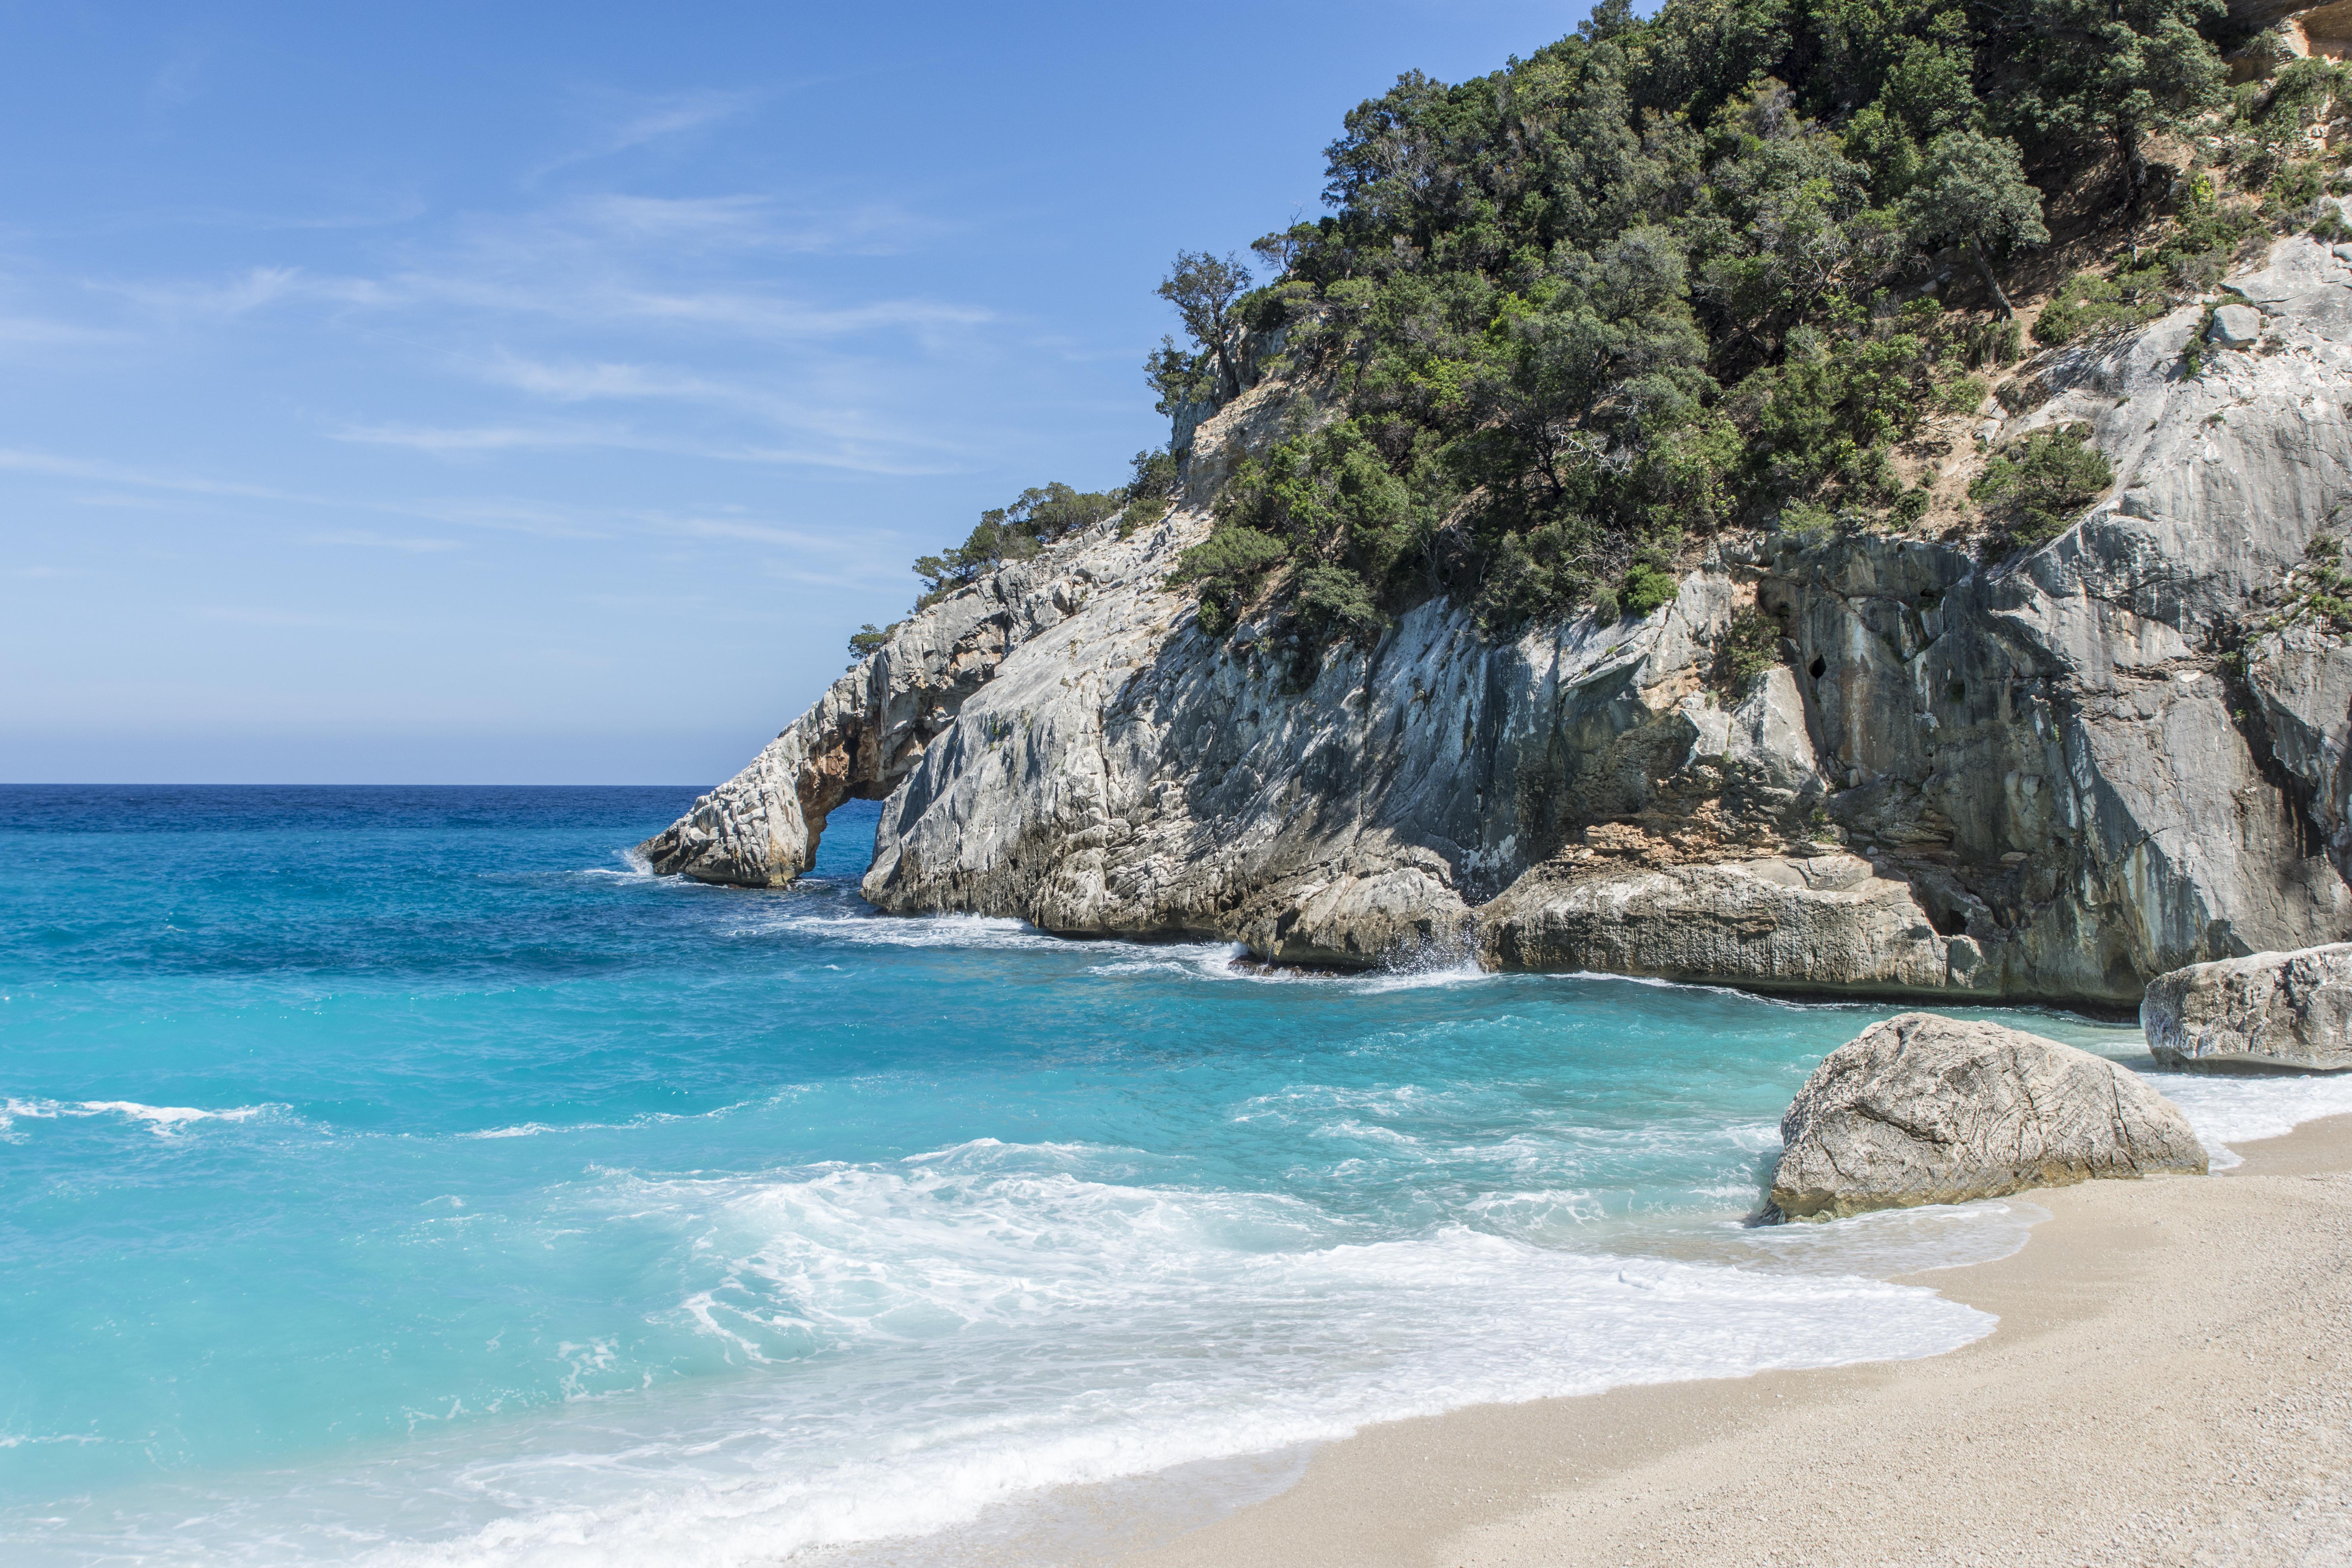 La playa, una de las más sugerentes de Cerdeña, fue creada por un deslizamiento de tierra en 1962. Su complicado acceso implica o llegar por mar hasta la pequeña playa, o hacer un trekking para llegar a la parte alta donde se disfrutan las vistas del pico Le figlie della Aguglia, con su pináculo afilado. Desde 1993 Cala Goloritze es Monumento Natural de Cerdeña y propuesto patrimonio Nacional de Italia